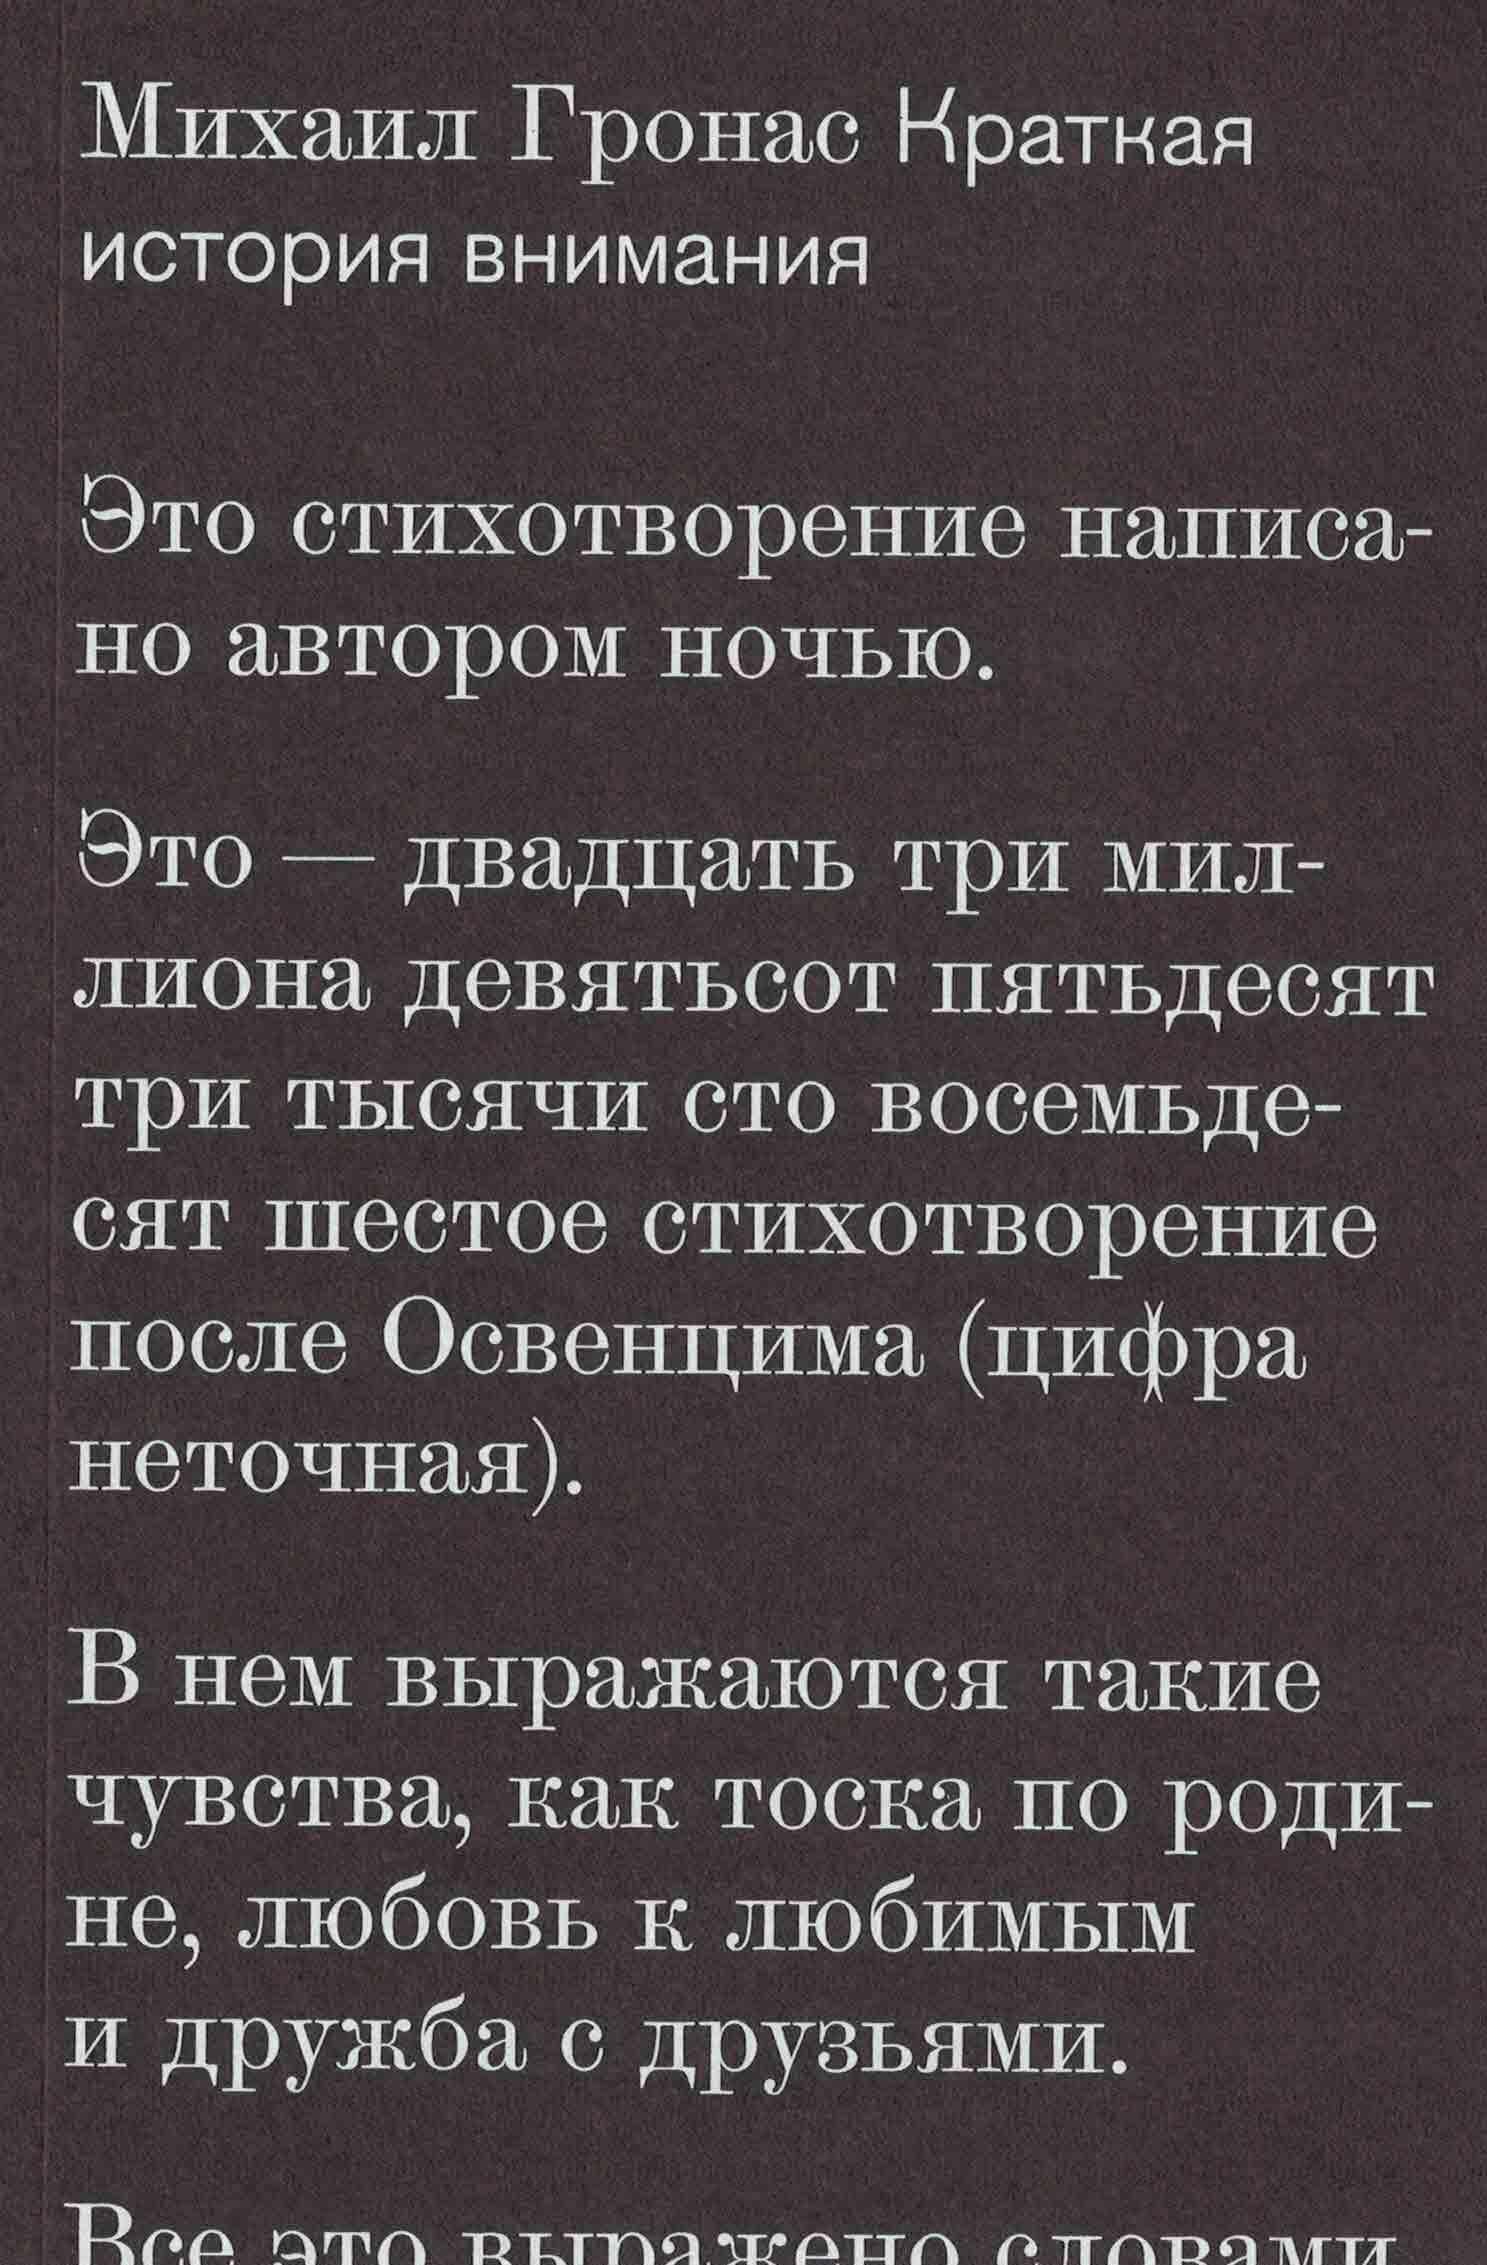 Михаил Гронас Краткая история внимания